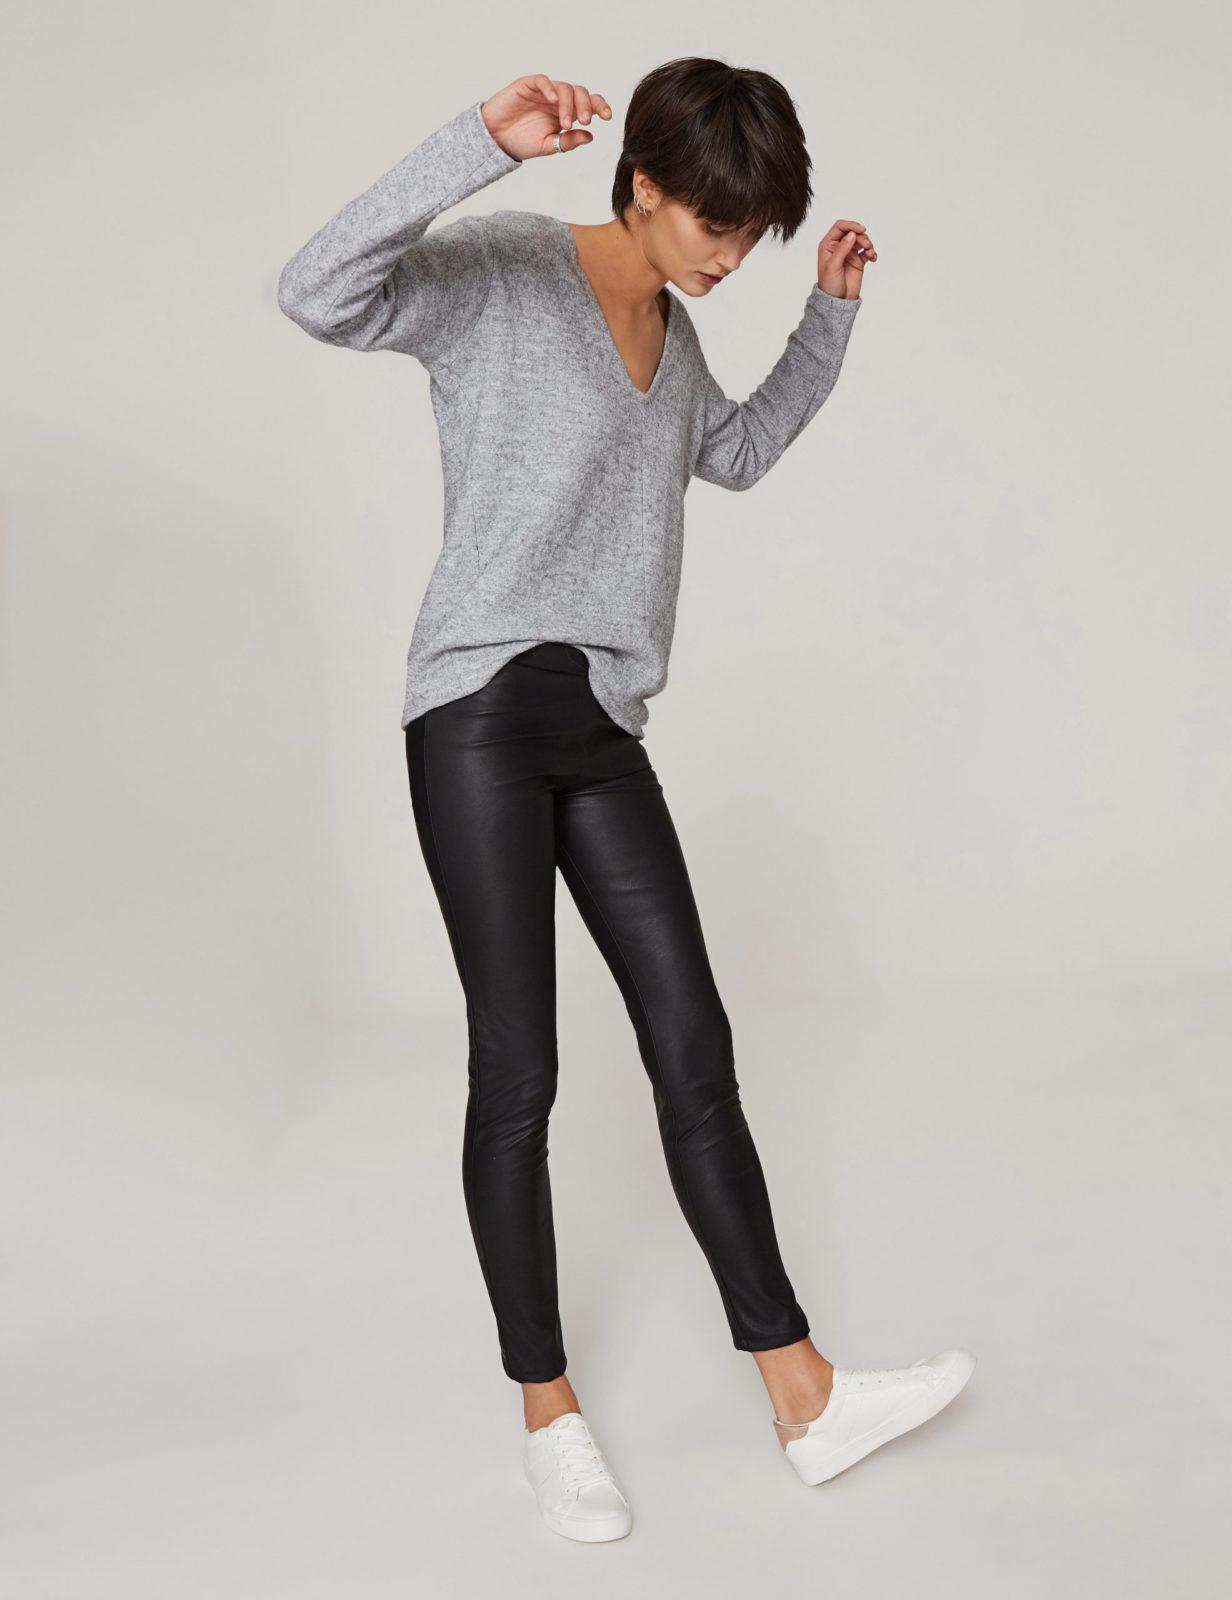 spodnie-ze-sztucznej-skory-02